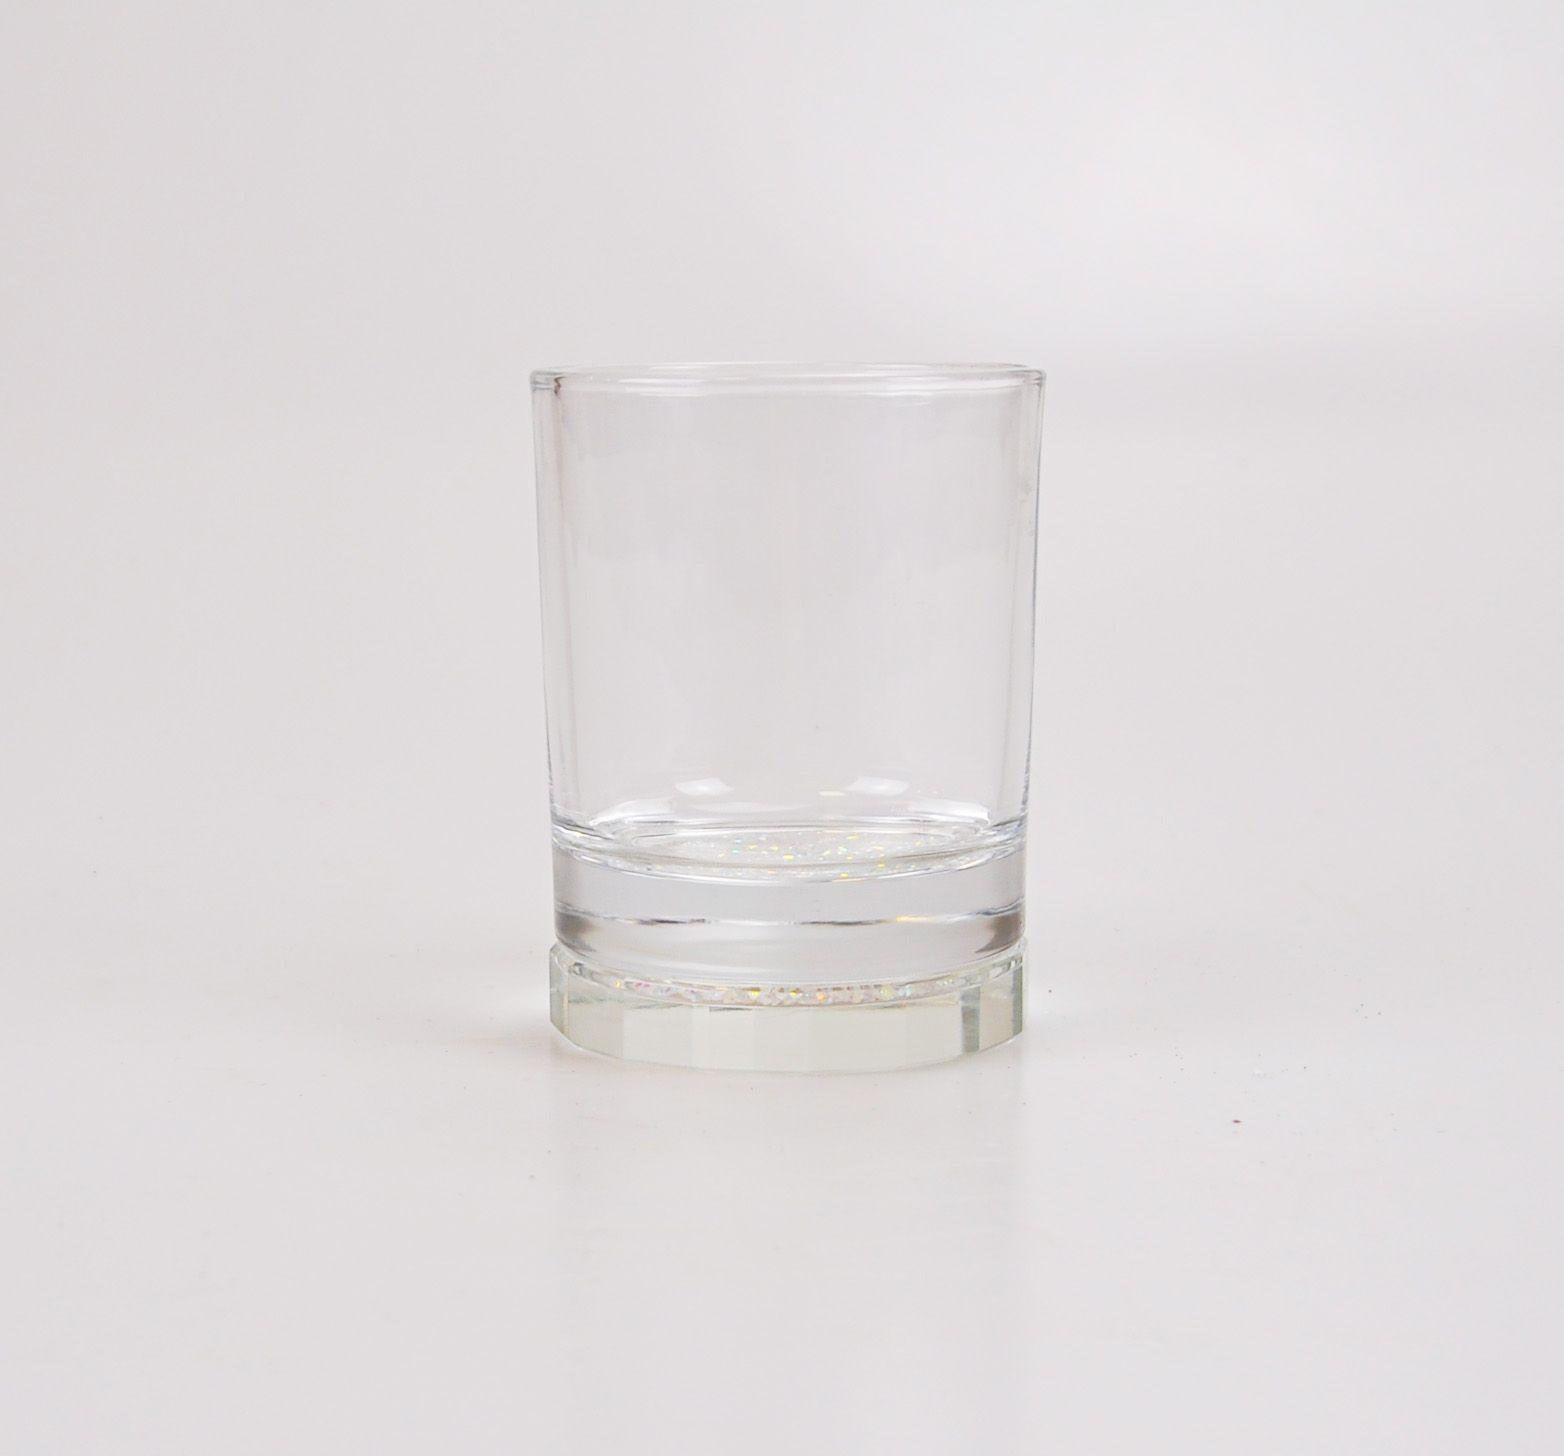 Copo de Vidro Whisky com Pedras Pratas- Unidade 61822